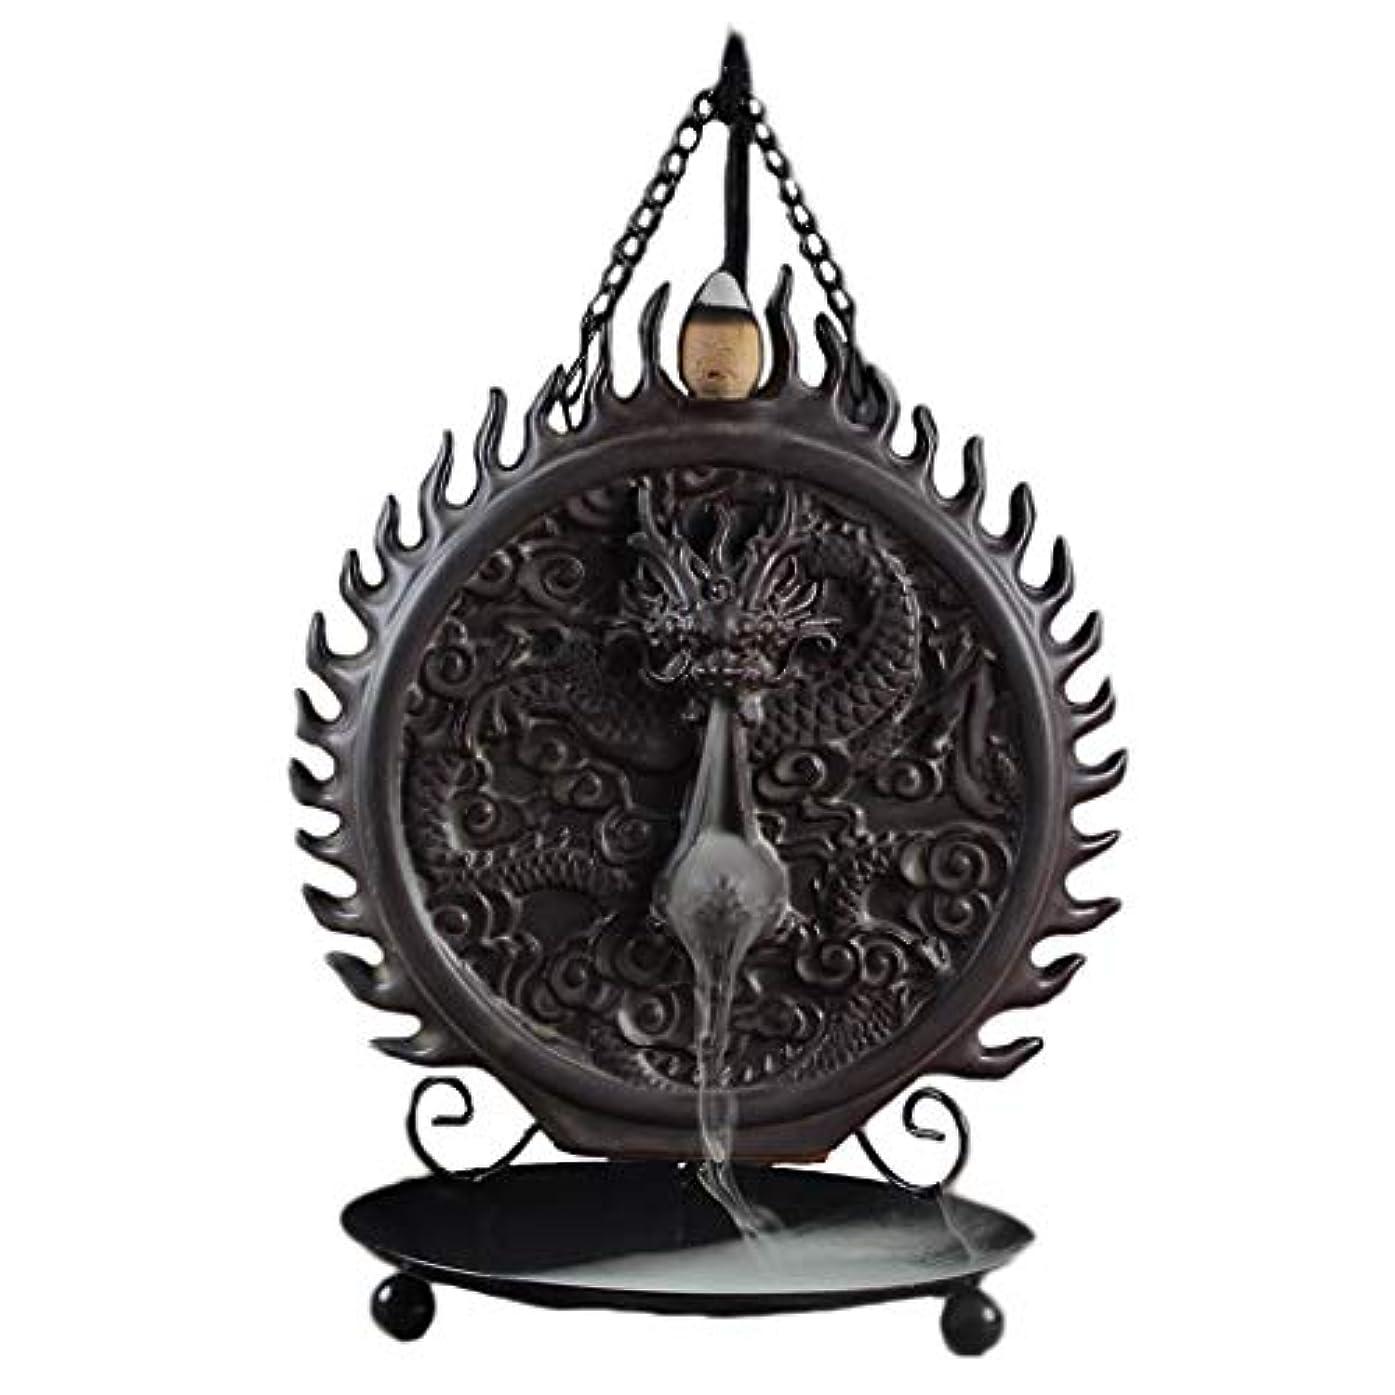 論理的動員する瞬時にセラミックハンギング香炉バックフロードラゴンディスクホーム炉装飾香ホルダーアロマセラピー香バーナーホルダー (Color : Black, サイズ : 6.29*9.44inches)